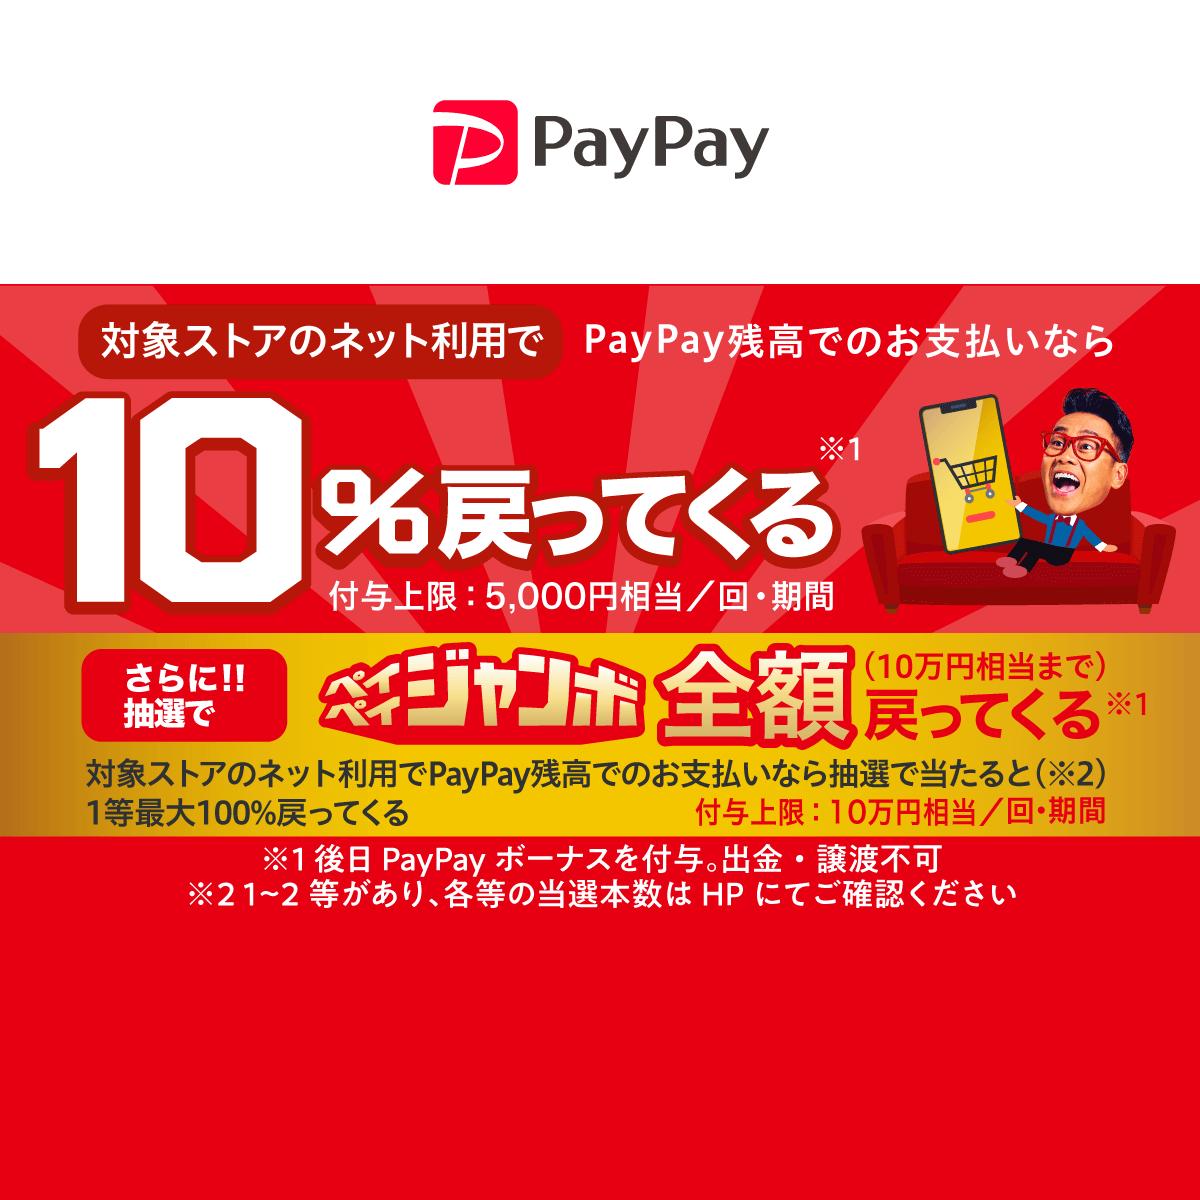 10%戻ってくるキャンペーン&ペイペイジャンボ(オンライン)9/30まで